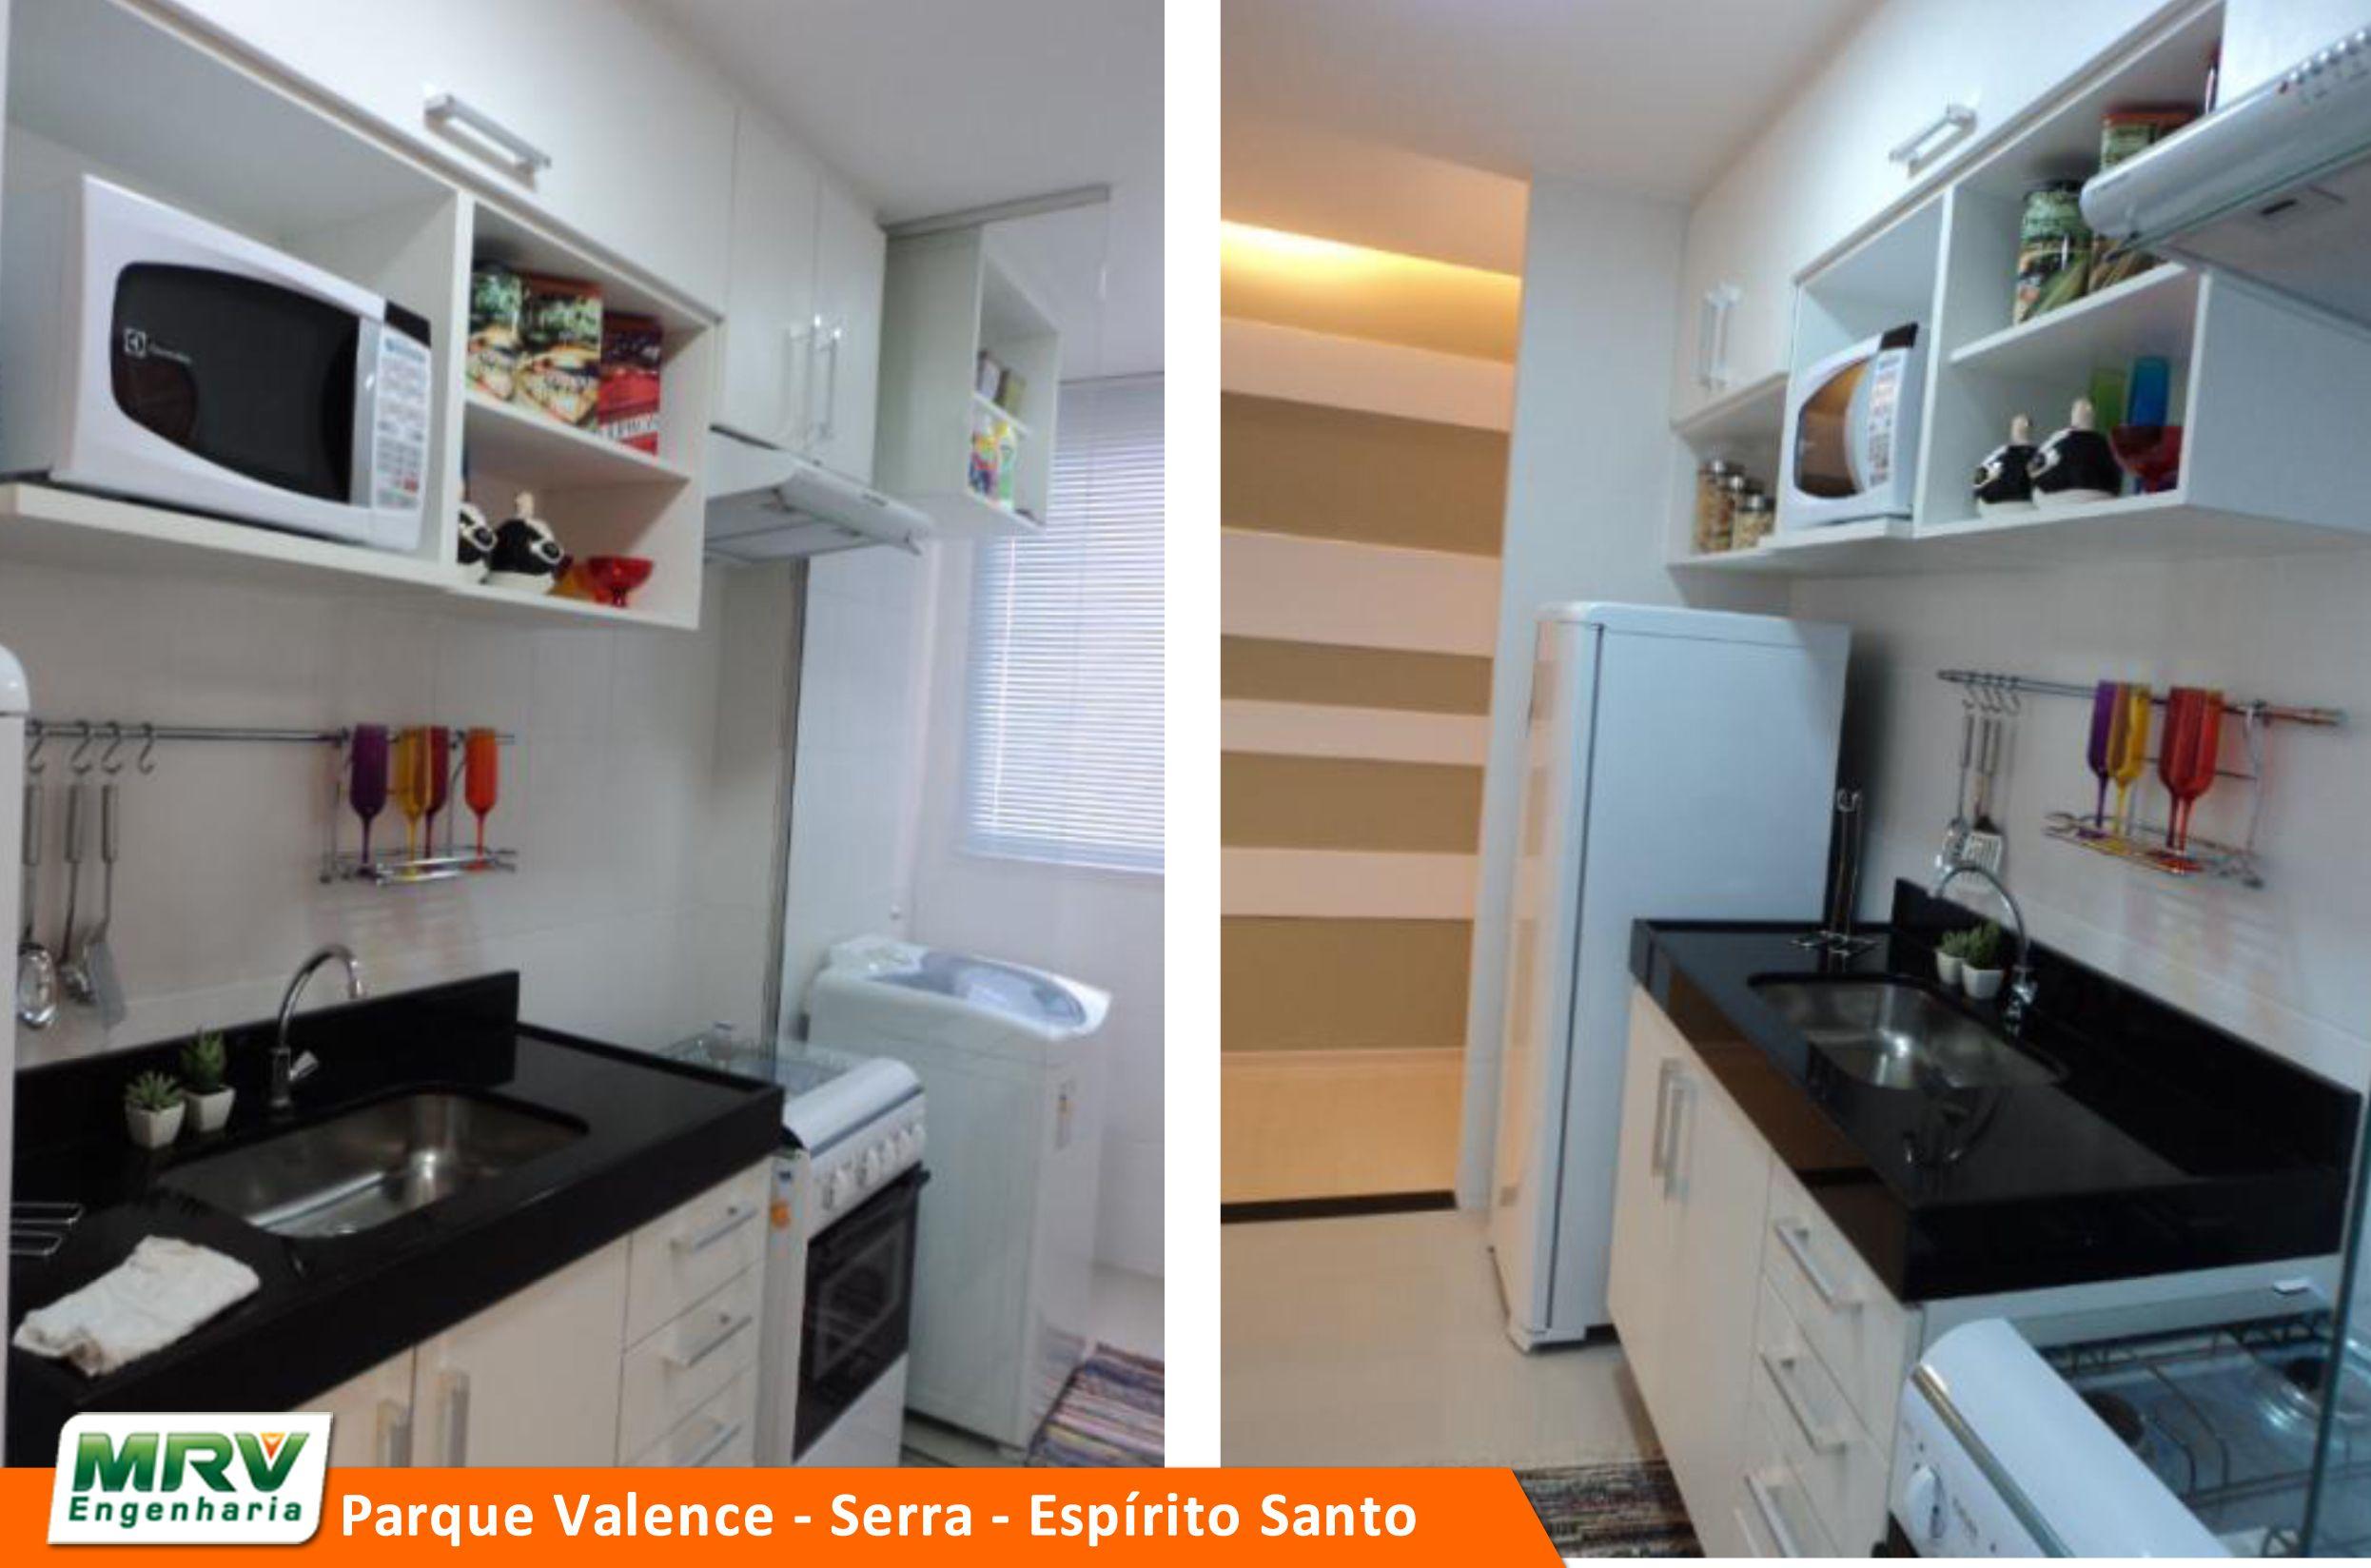 Apartamento Decorado 2 Quartos Do Parque Valence No Bairro Carapebus